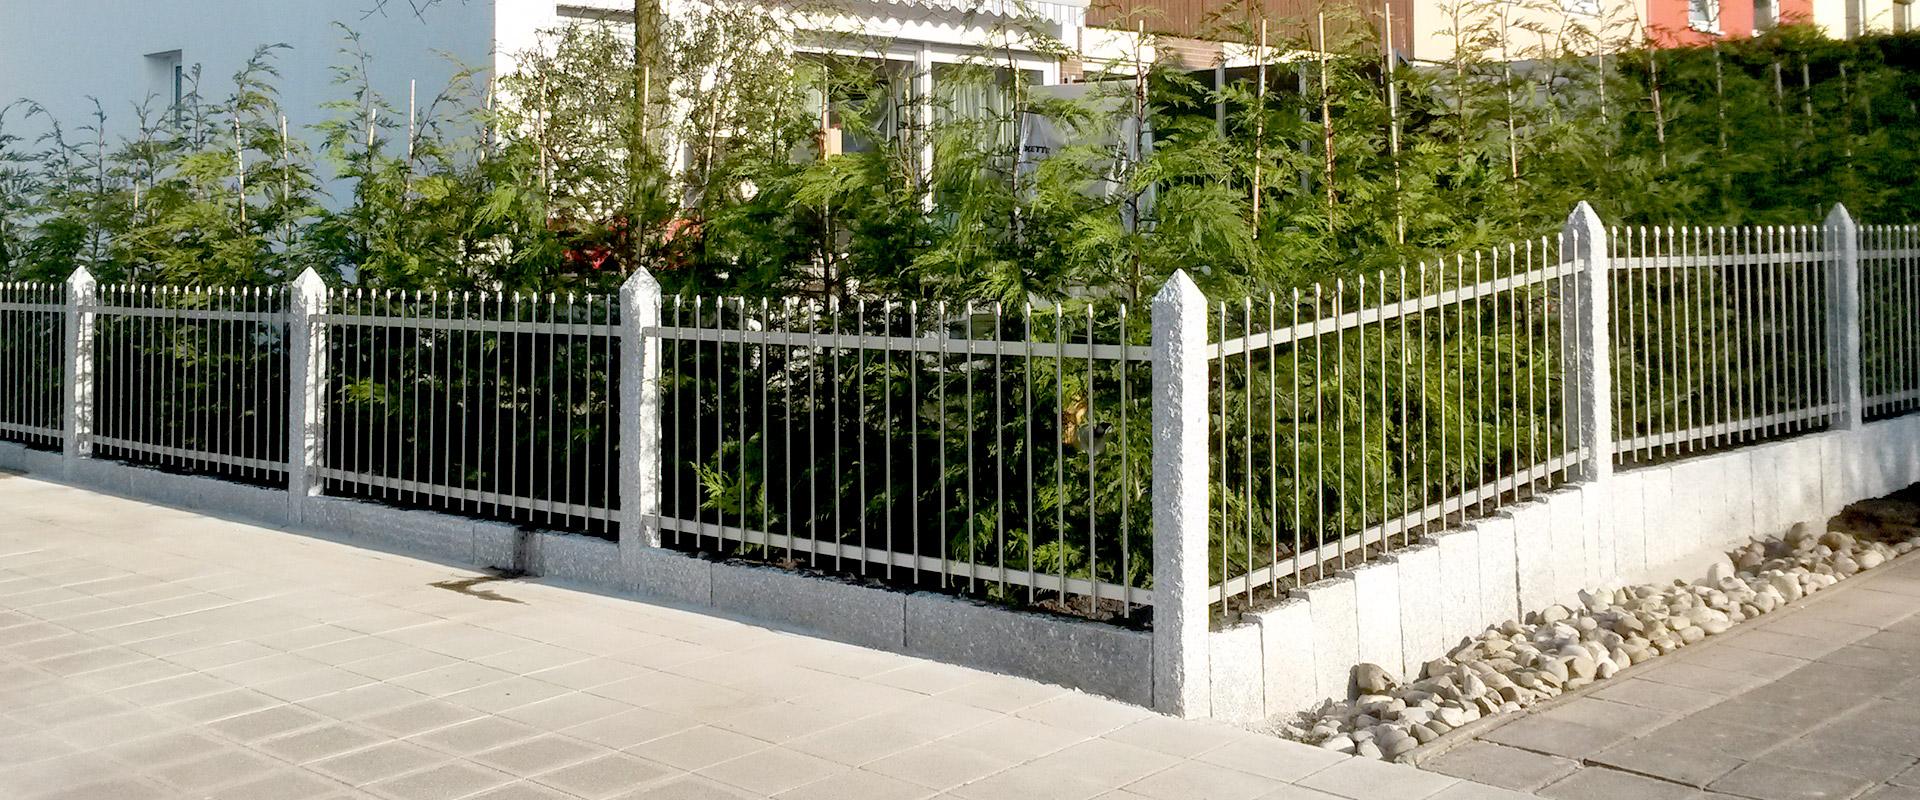 Zaun Granitsäule - Zaun mit Granitpfosten setzen